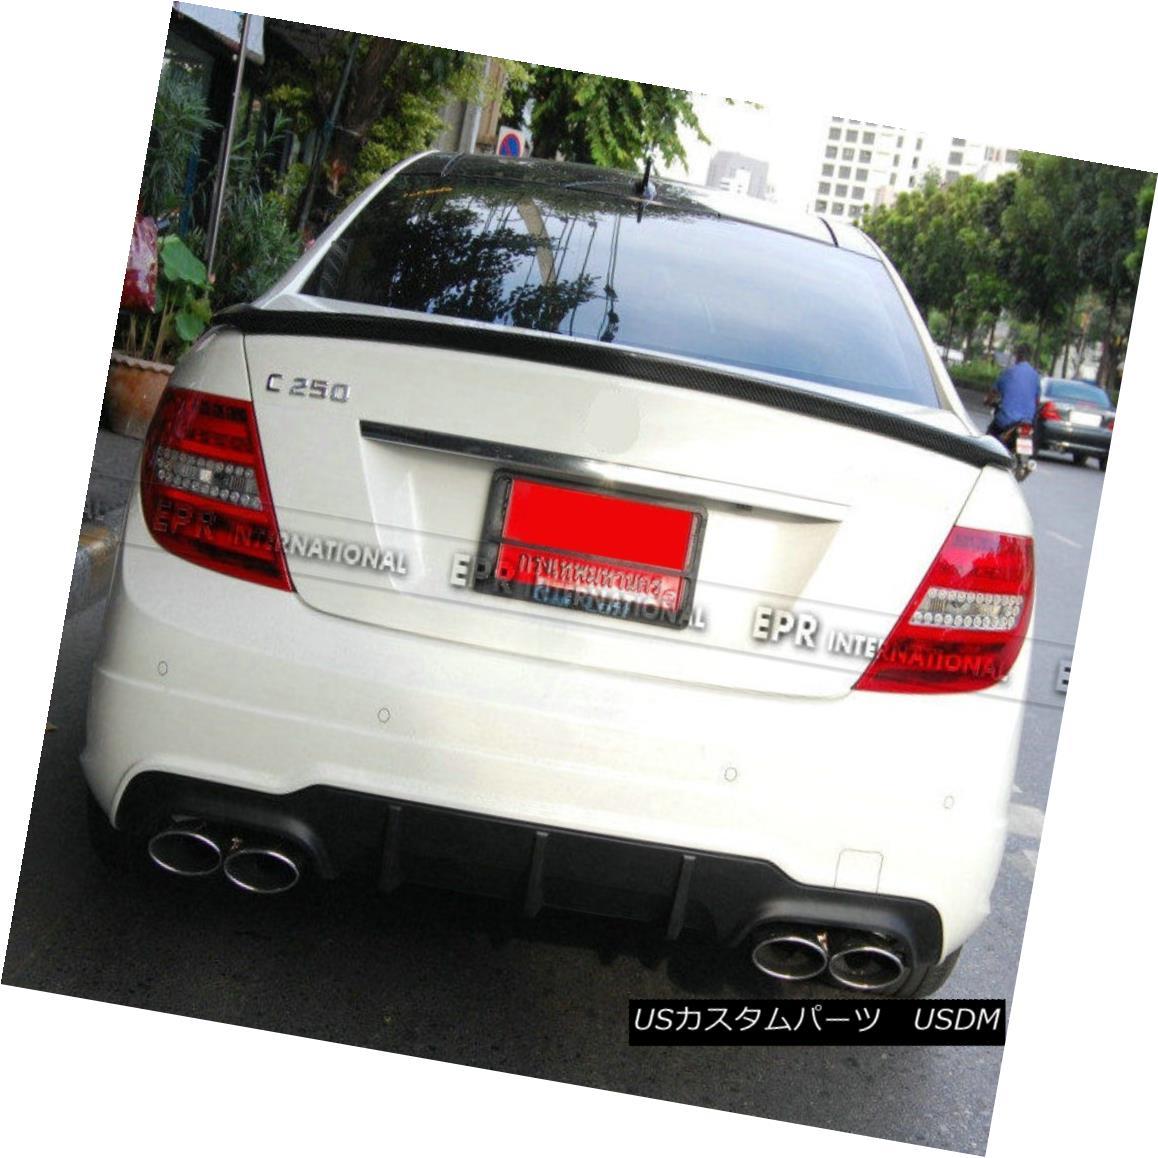 エアロパーツ ABC Rear Trunk Spoiler Wing Lip For Benz W204 C-Class Carlson Style Carbon Fiber ベンツW204 CクラスCarlsonスタイルカーボンファイバー用ABCリアトランクスポイラーウィングリップ